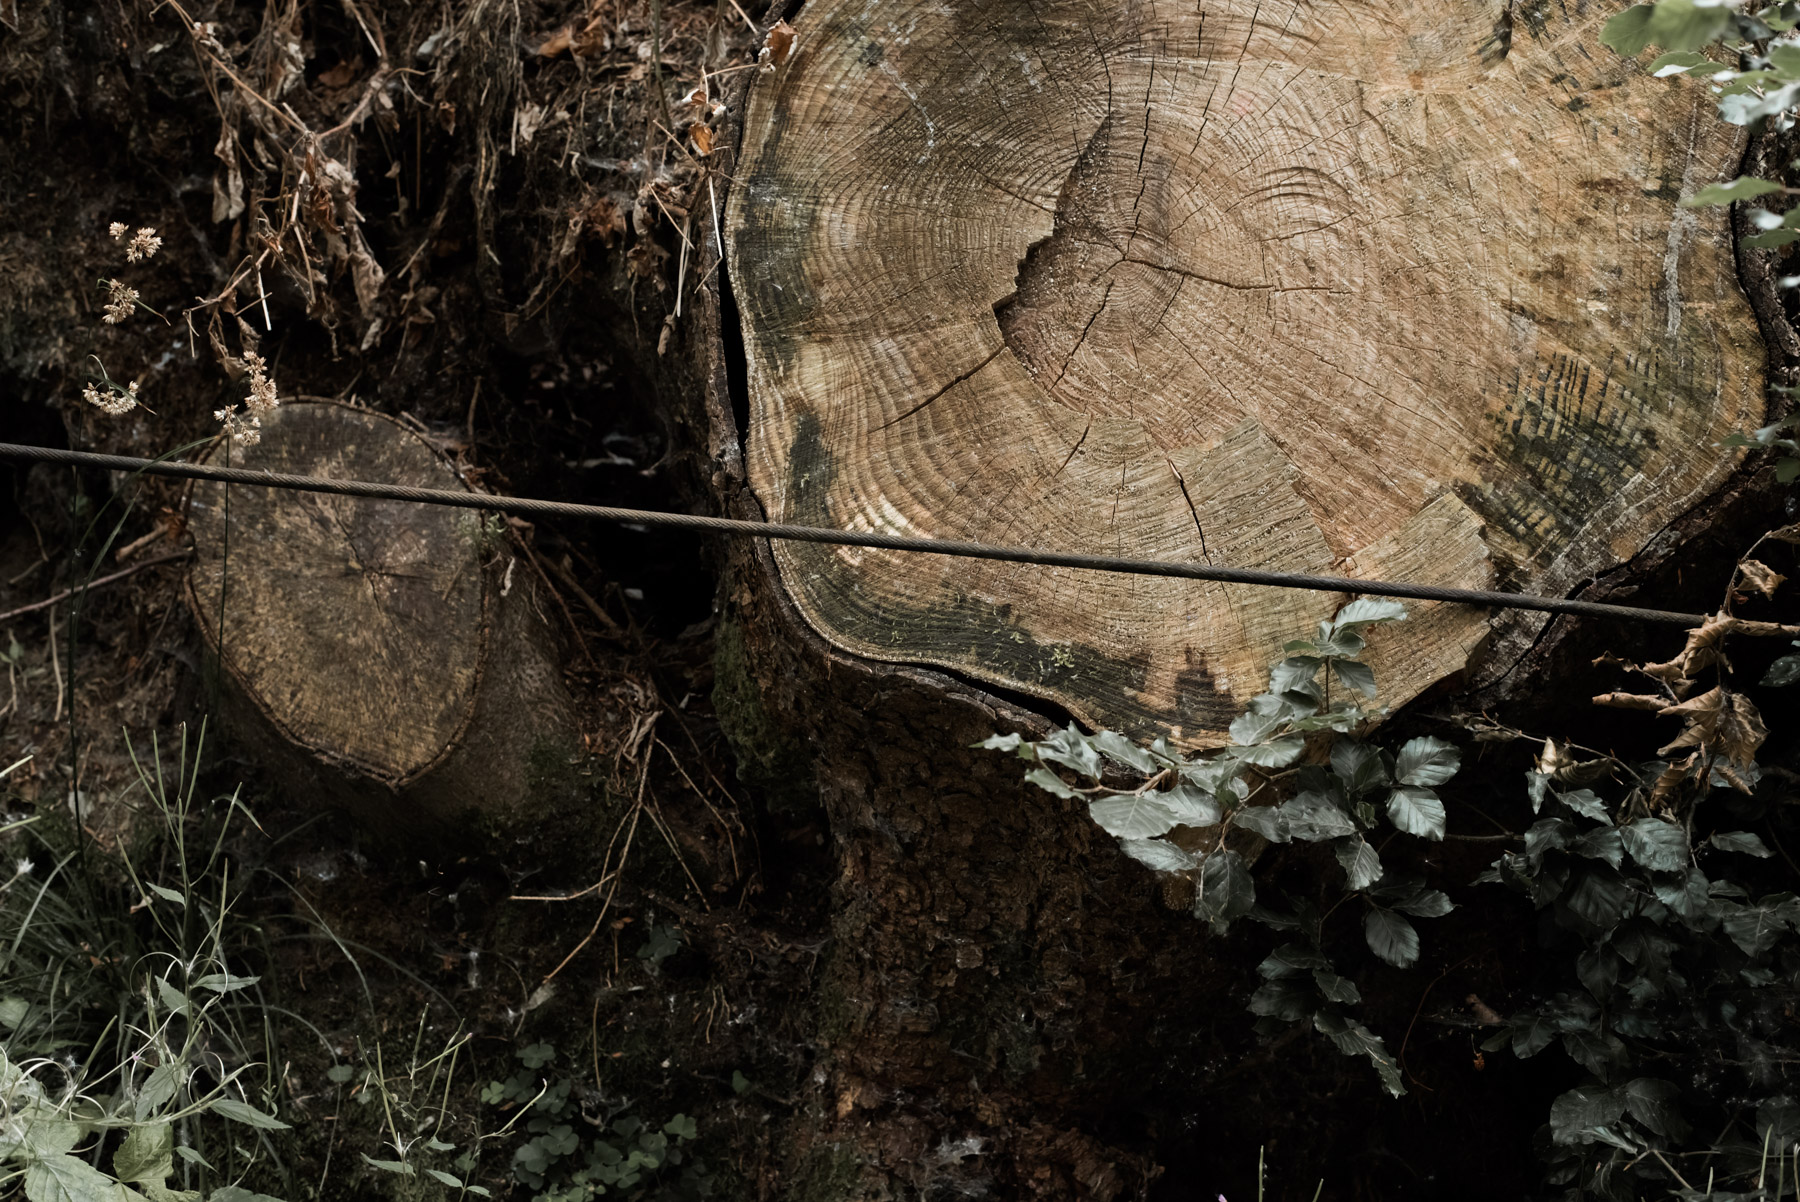 A detail of a tree trunk, dettaglio di un tronco di albero tagliato con gli anelli in vista